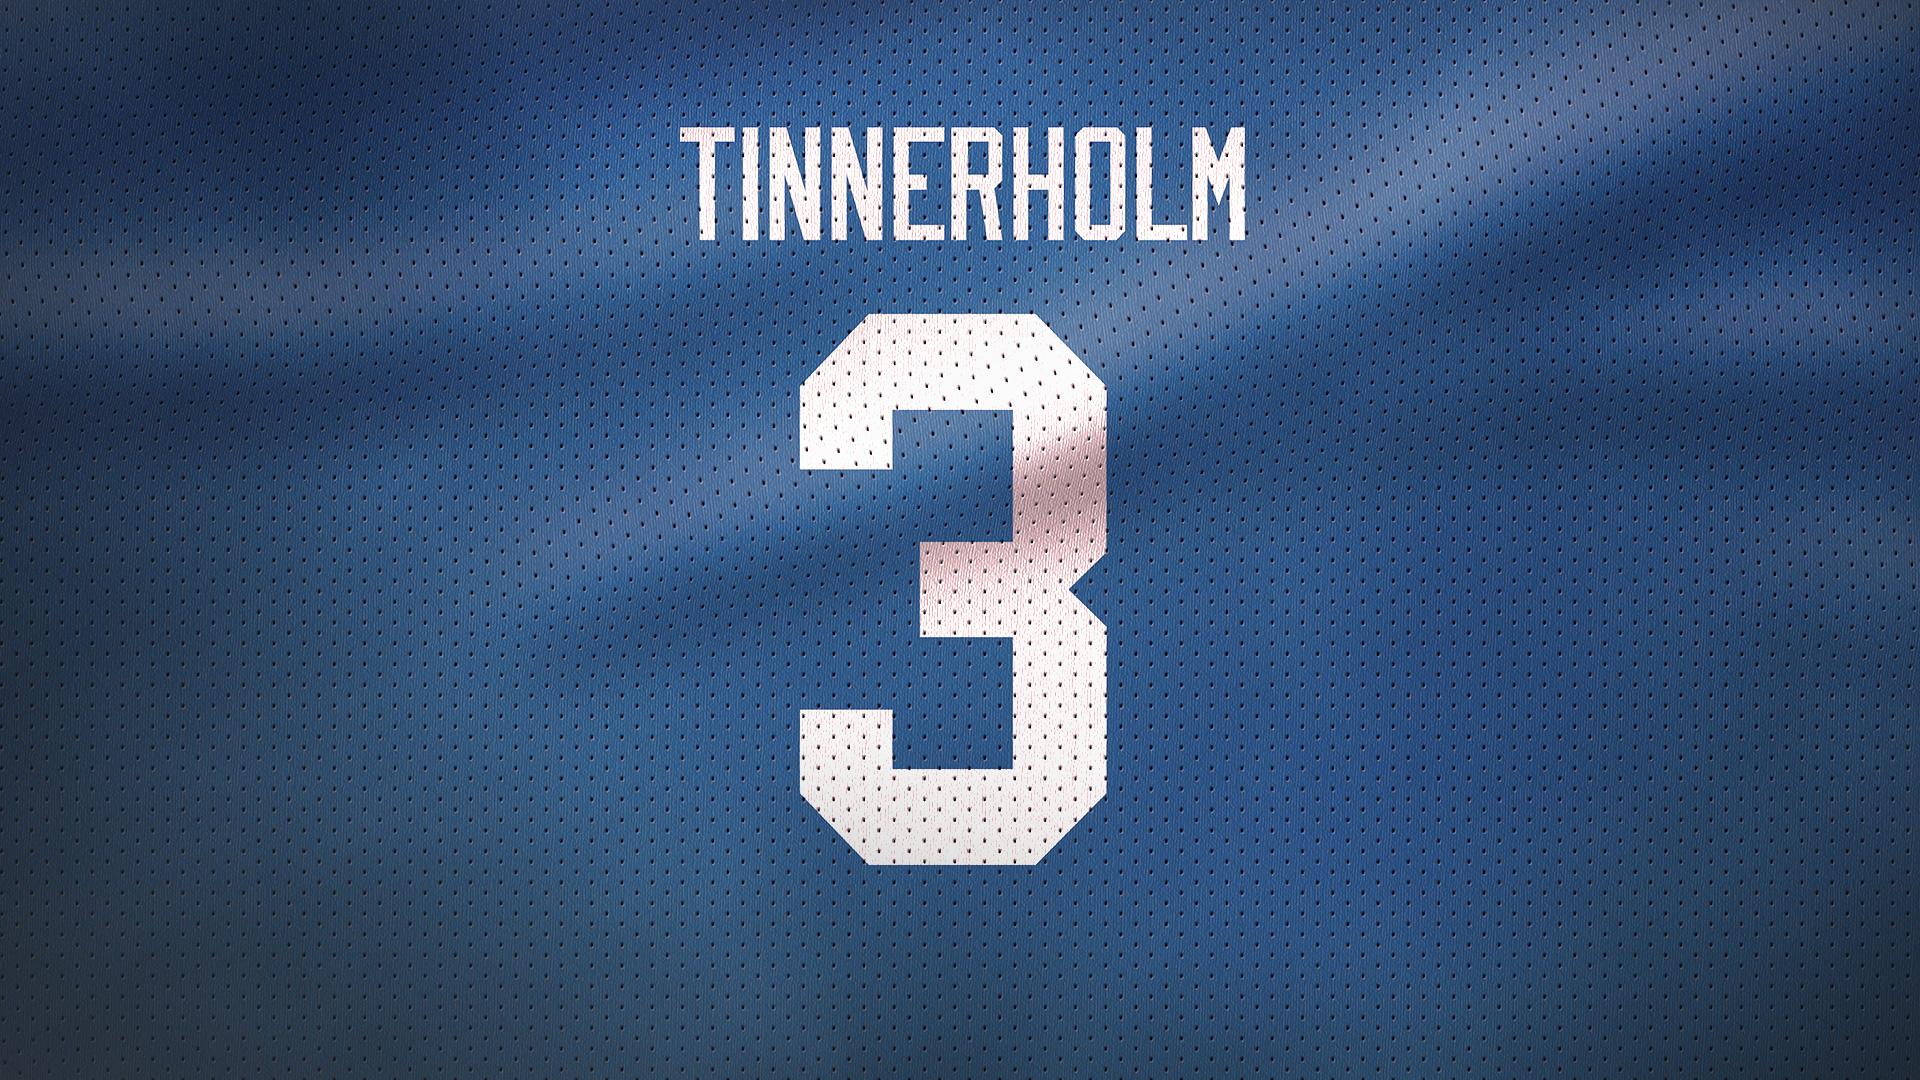 Stjärnor/svenskar - Svenska landslagsmannen Anton Tinnerholm gjorde fyra mål och sex assist under säsongen 18/19 och nominerades till en av ligans bästa försvarare. En annan noterbar spelare är Maximiliano Moralez som representerat Atalanta i Serie A samt finländaren Alexander Ring.